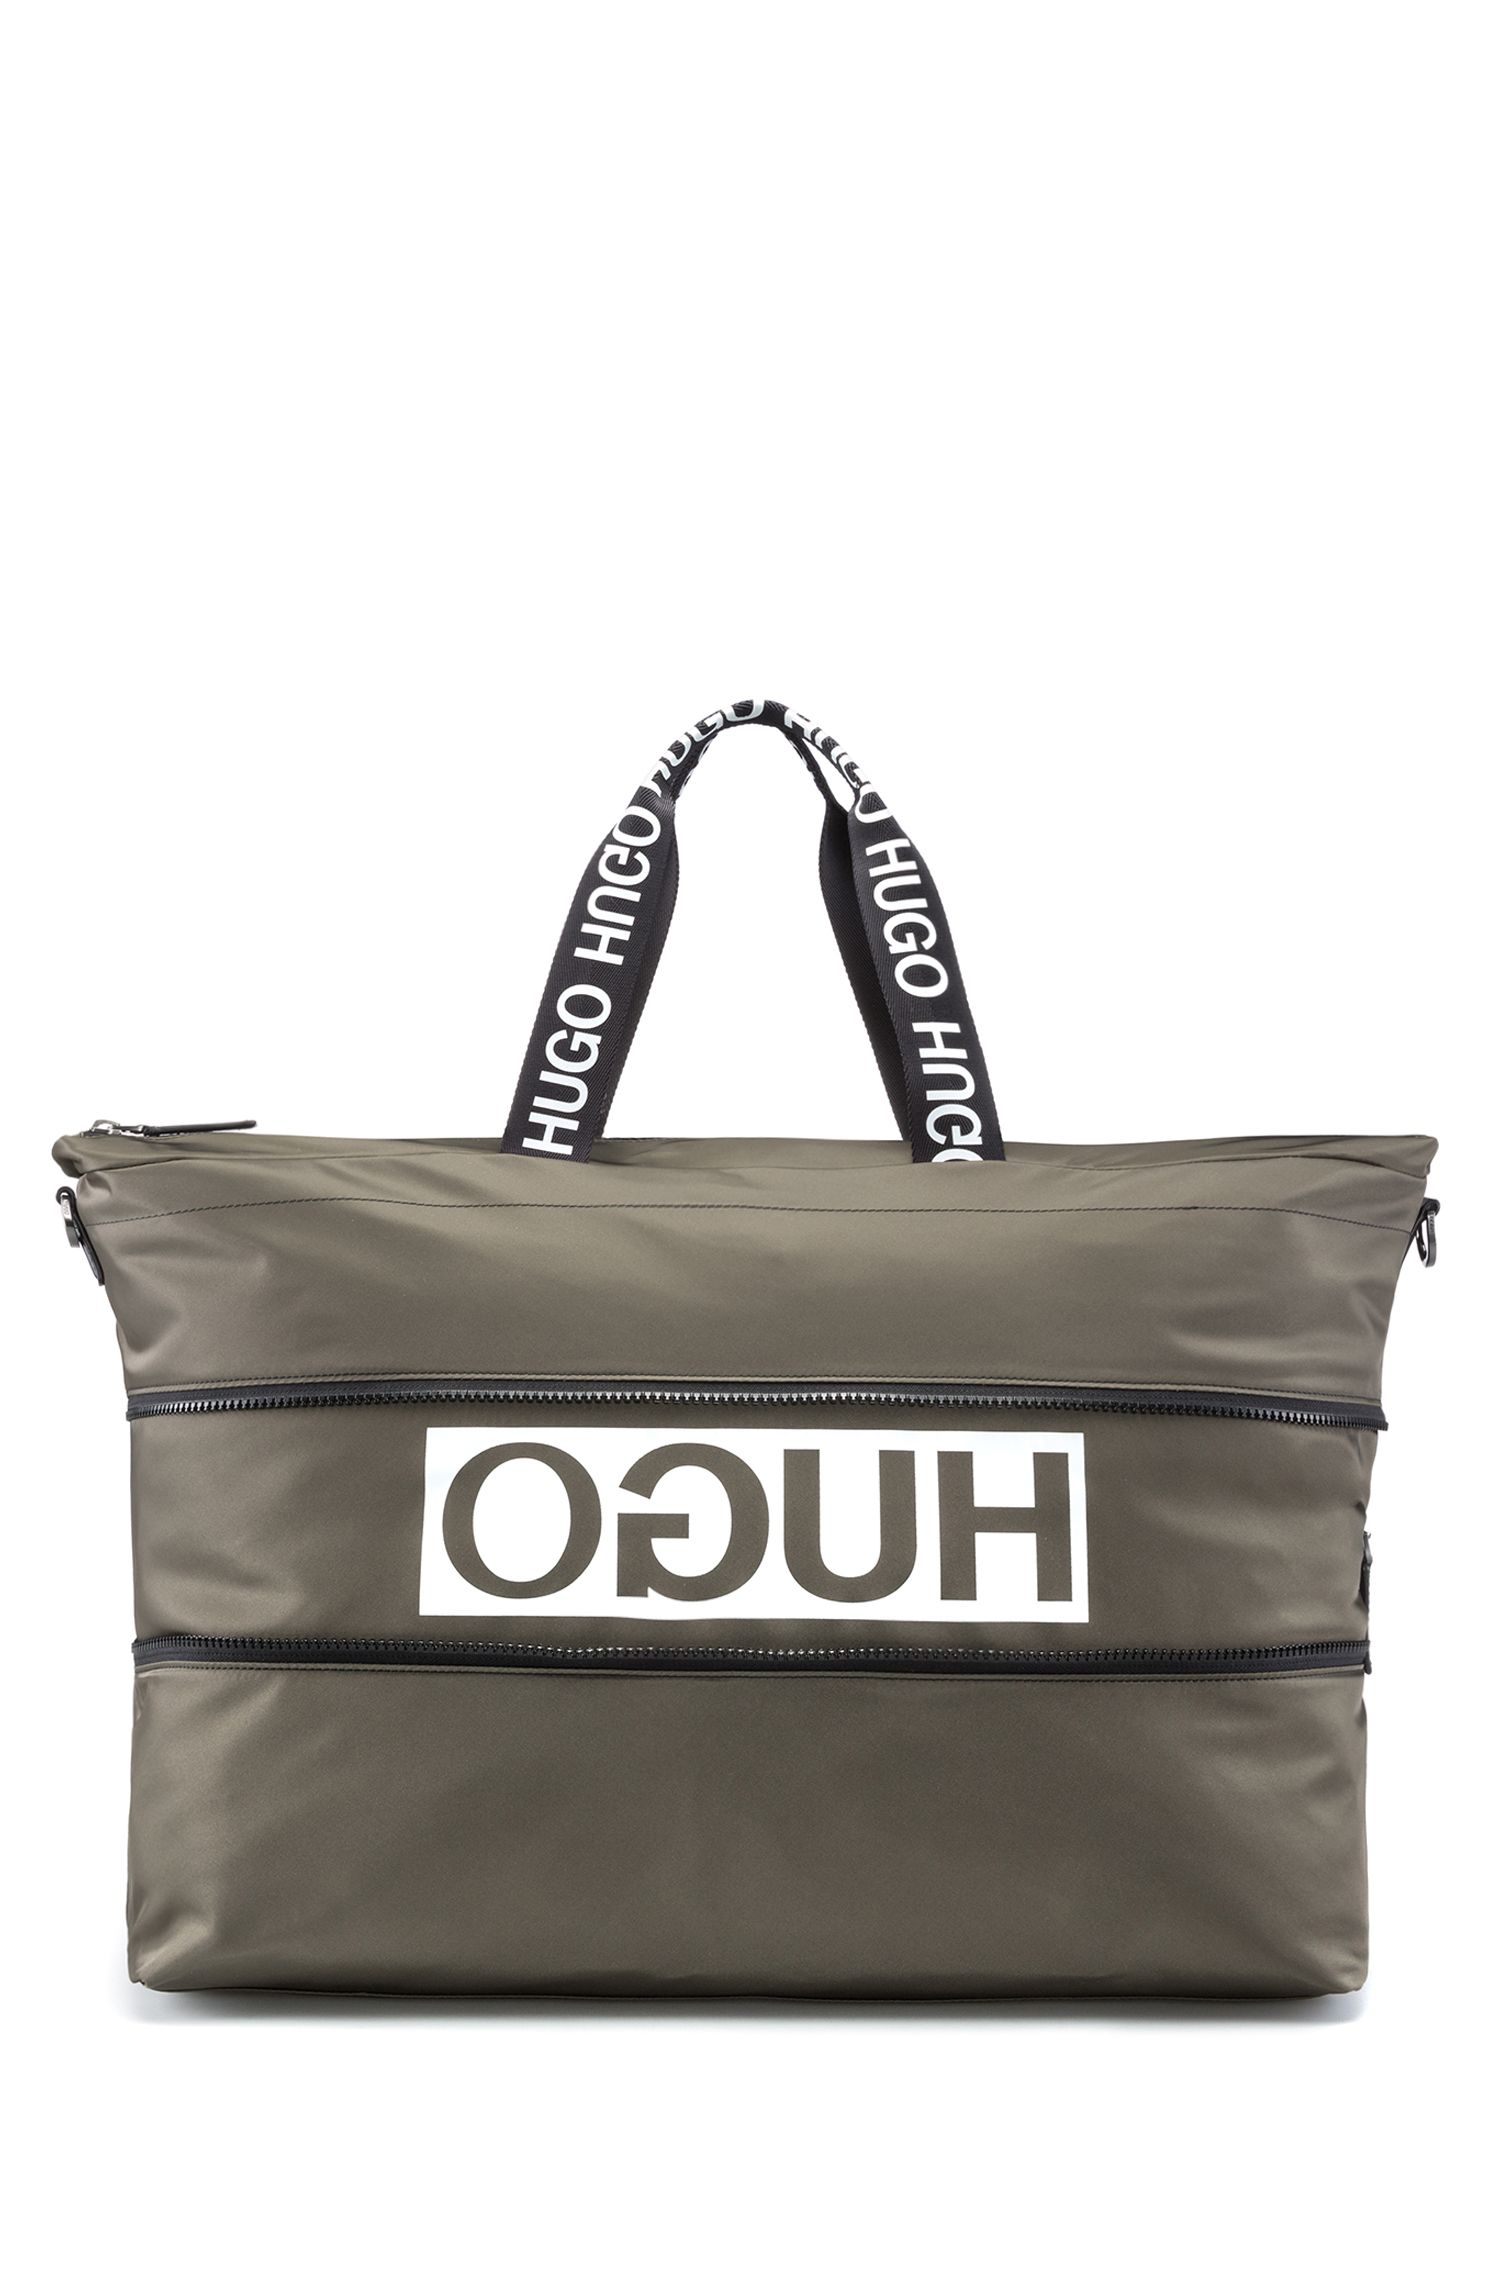 Amplio bolso weekender expandible en tejido de gabardina de nailon con logo invertido